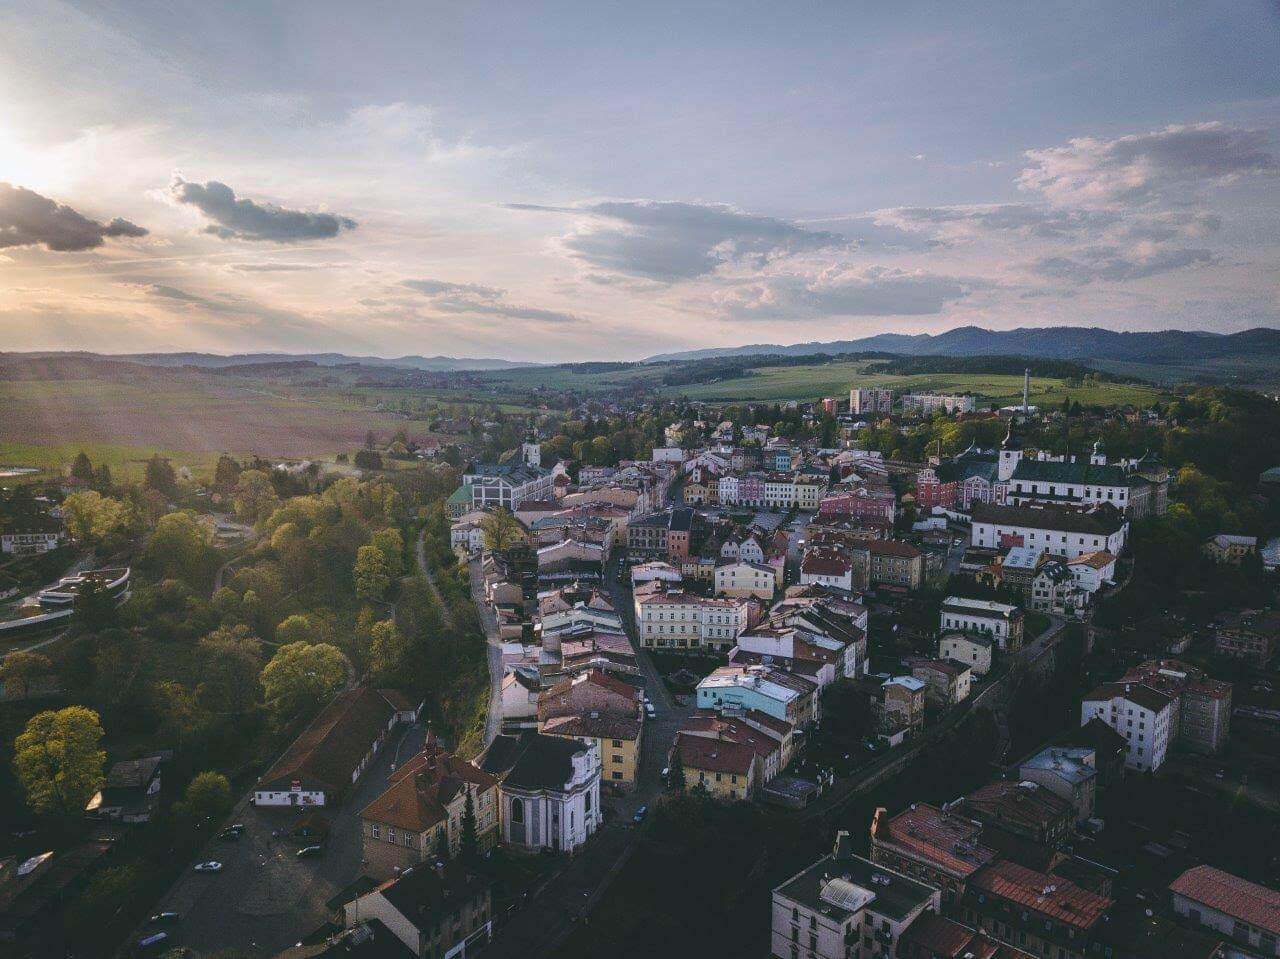 Foto: Vzdělávací a kulturní centrum Broumov